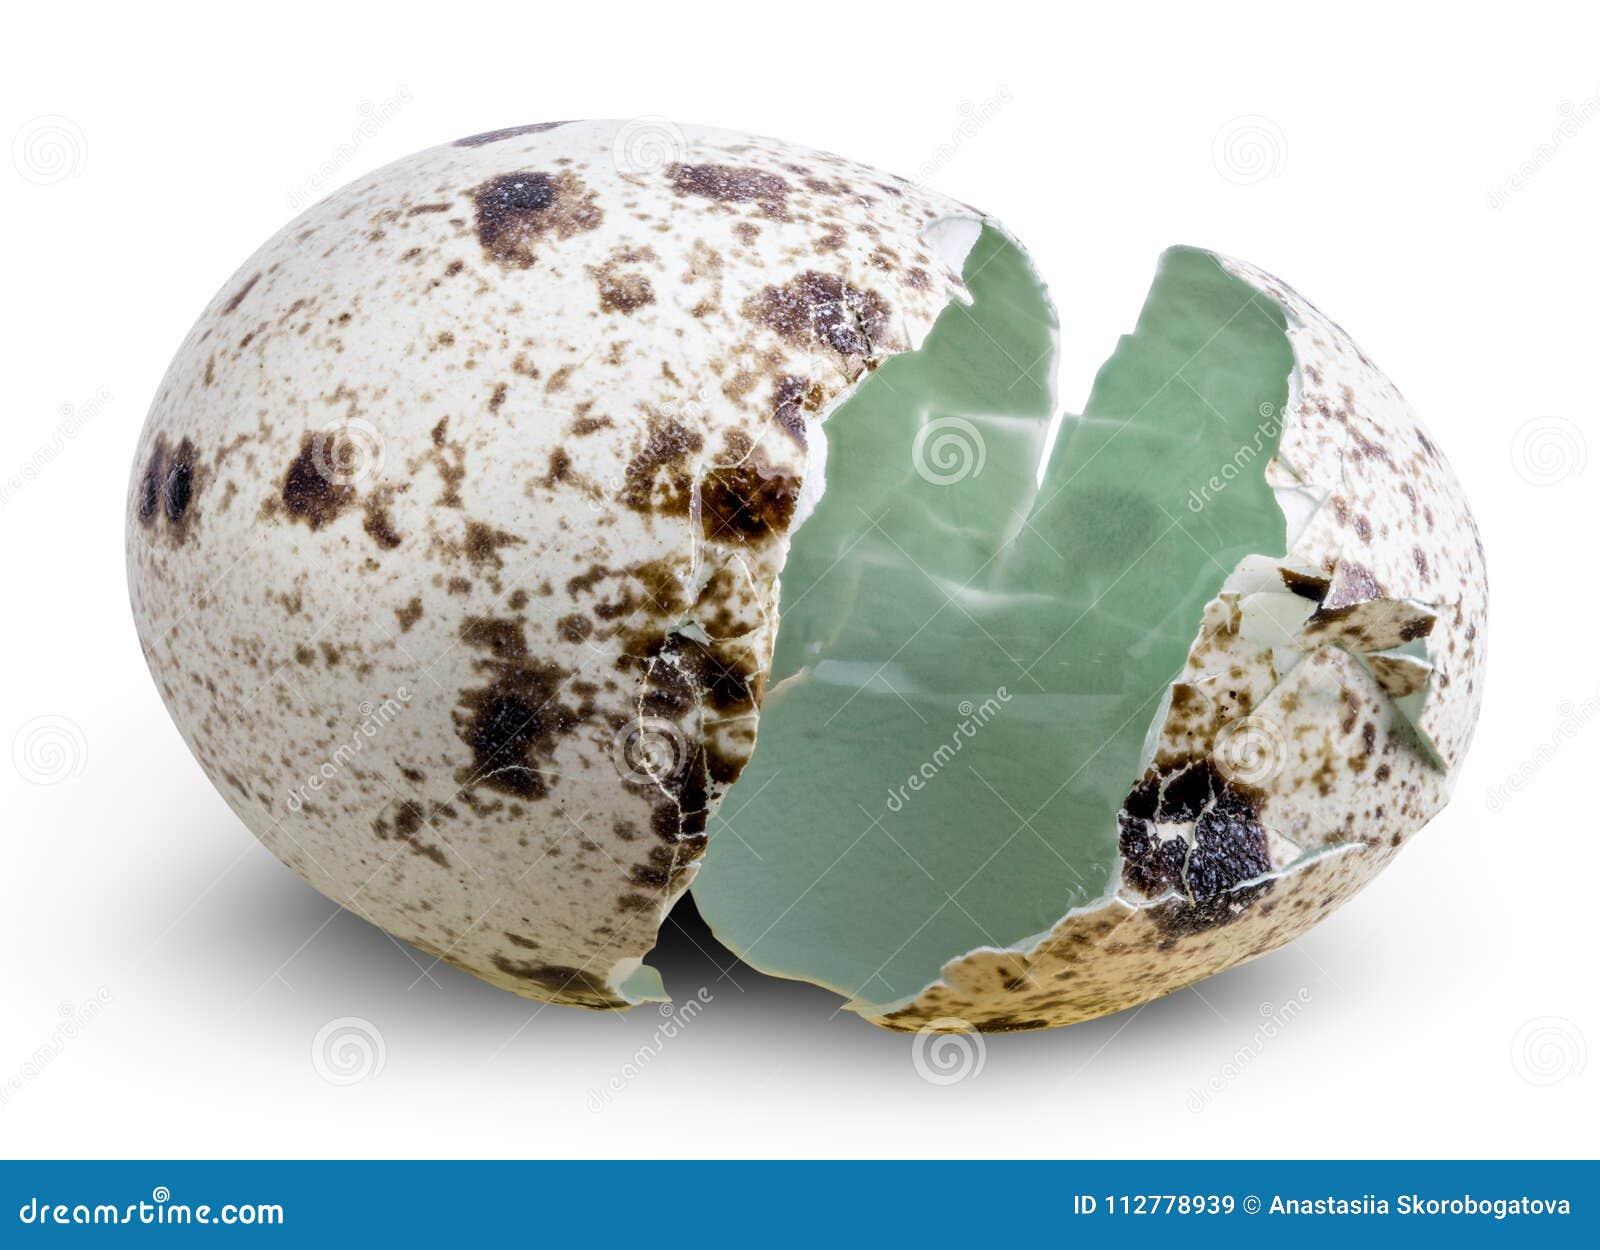 Äggskal av vaktelägg som isoleras med skugga